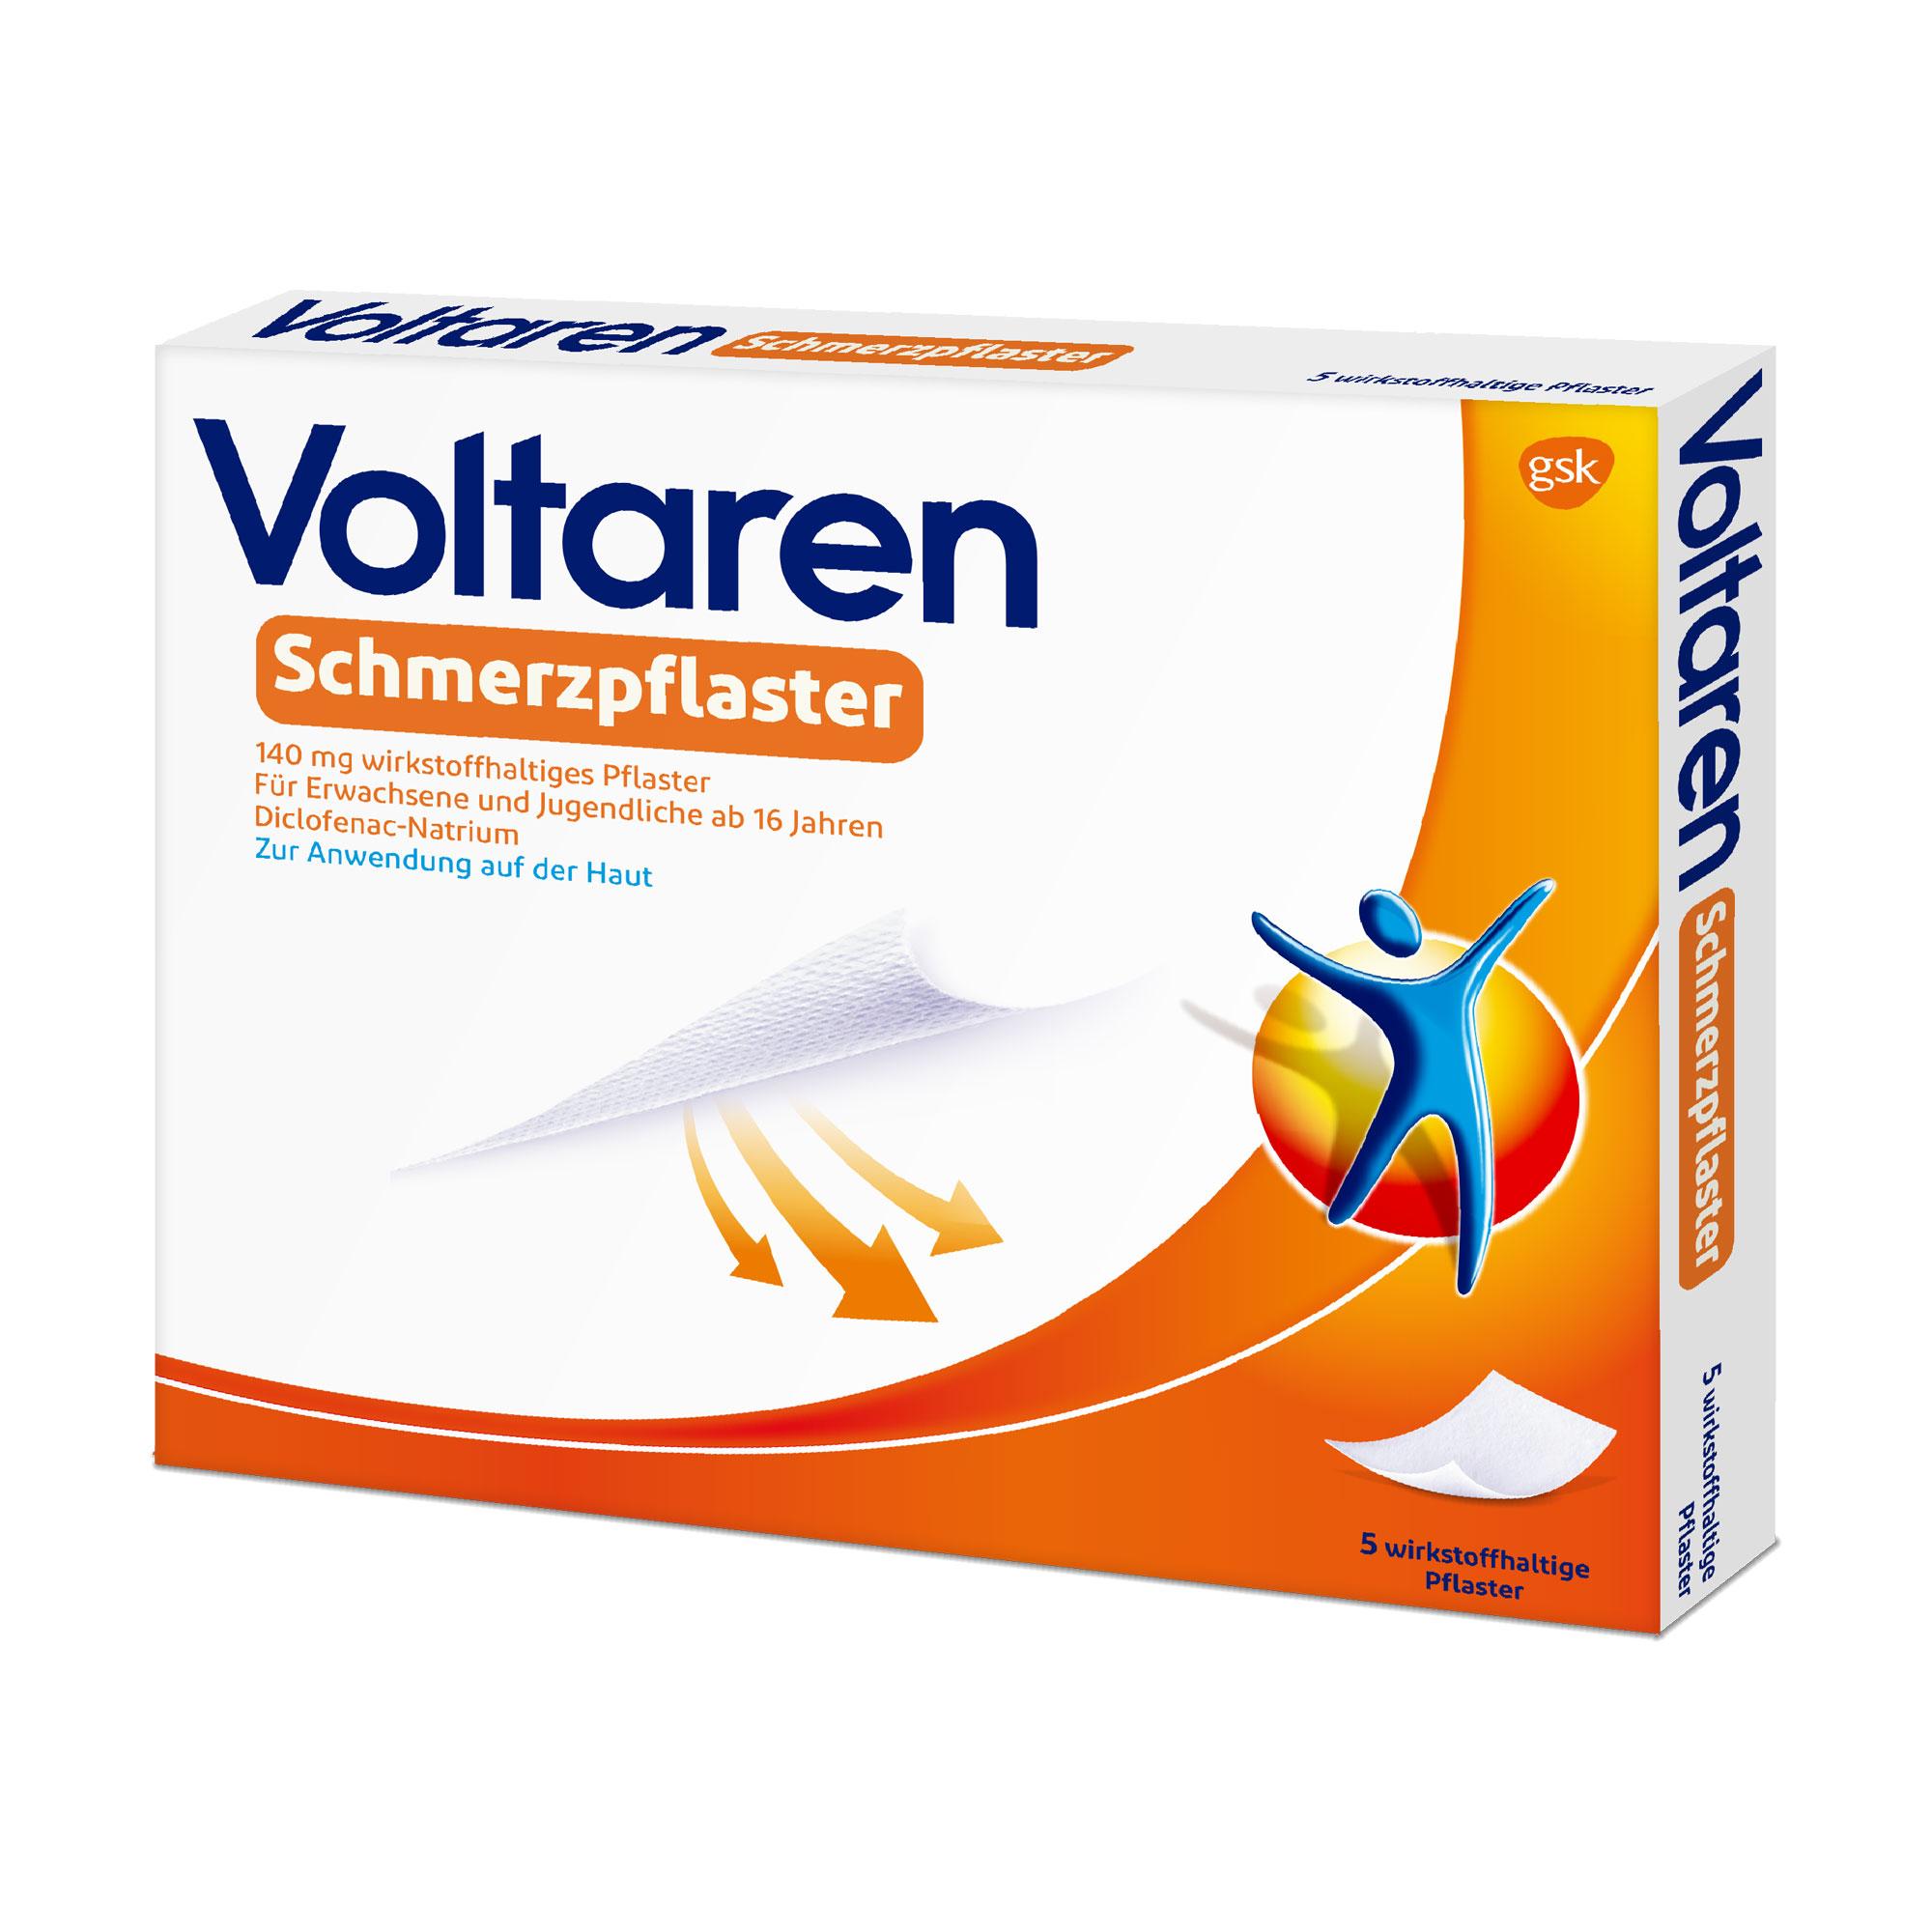 Voltaren Schmerzpflaster 140 mg wirkstoffhaltiges Pflaster